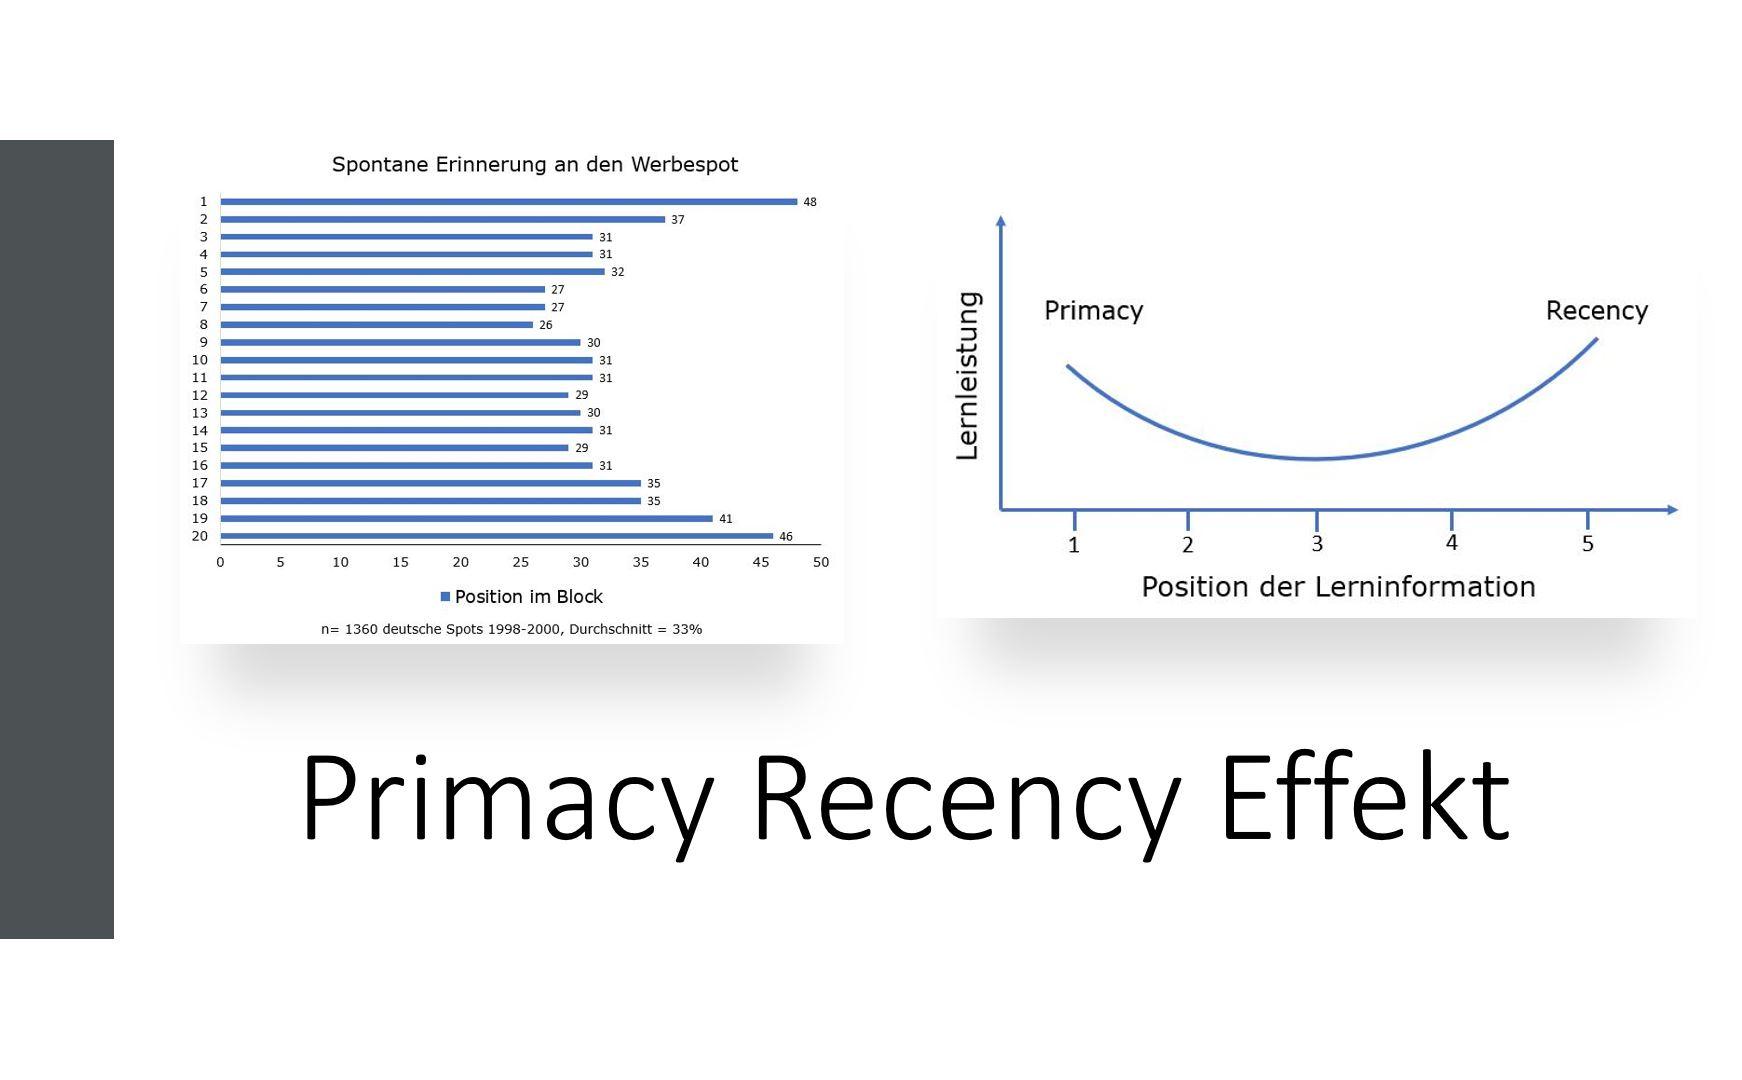 Primacy Recency Effekt